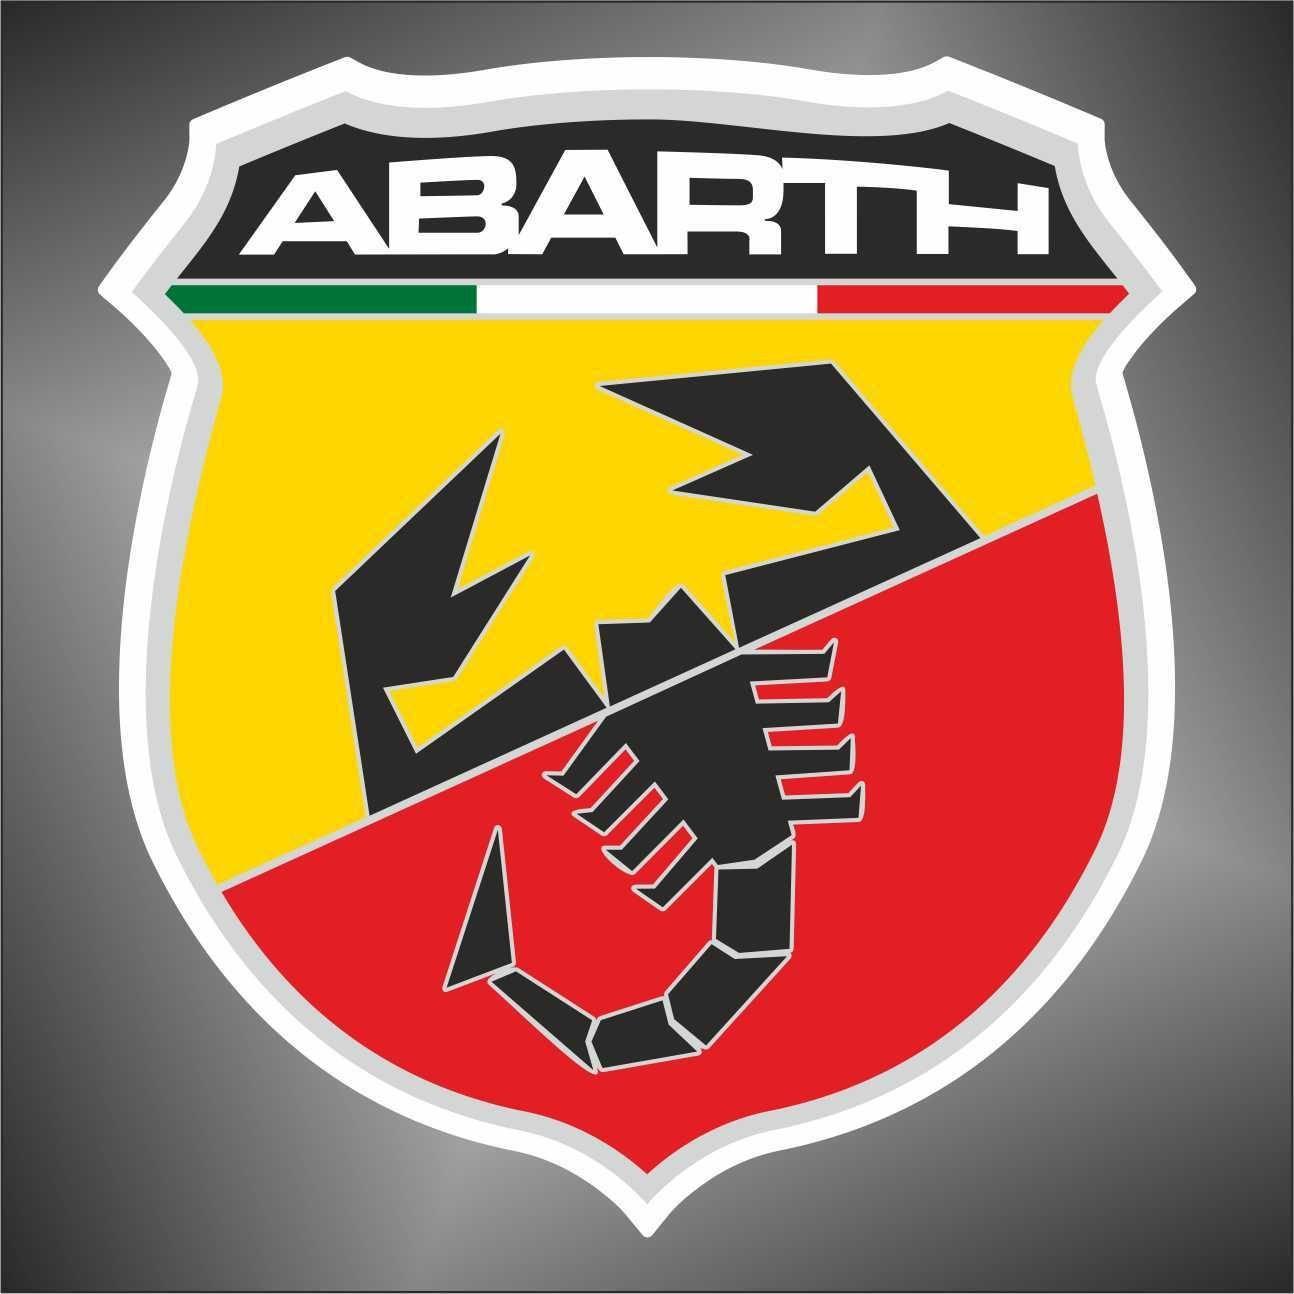 Adesivo Abarth auto rally formula 1 sticker